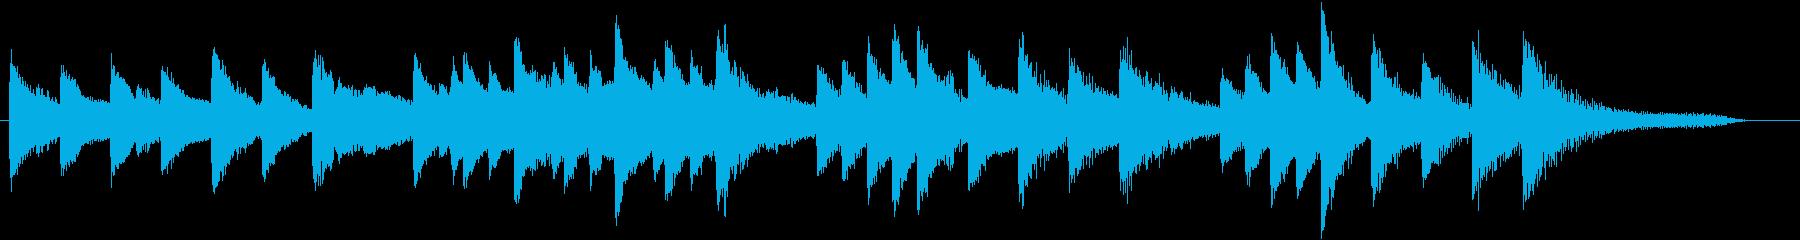 童謡・月モチーフのピアノジングルCの再生済みの波形